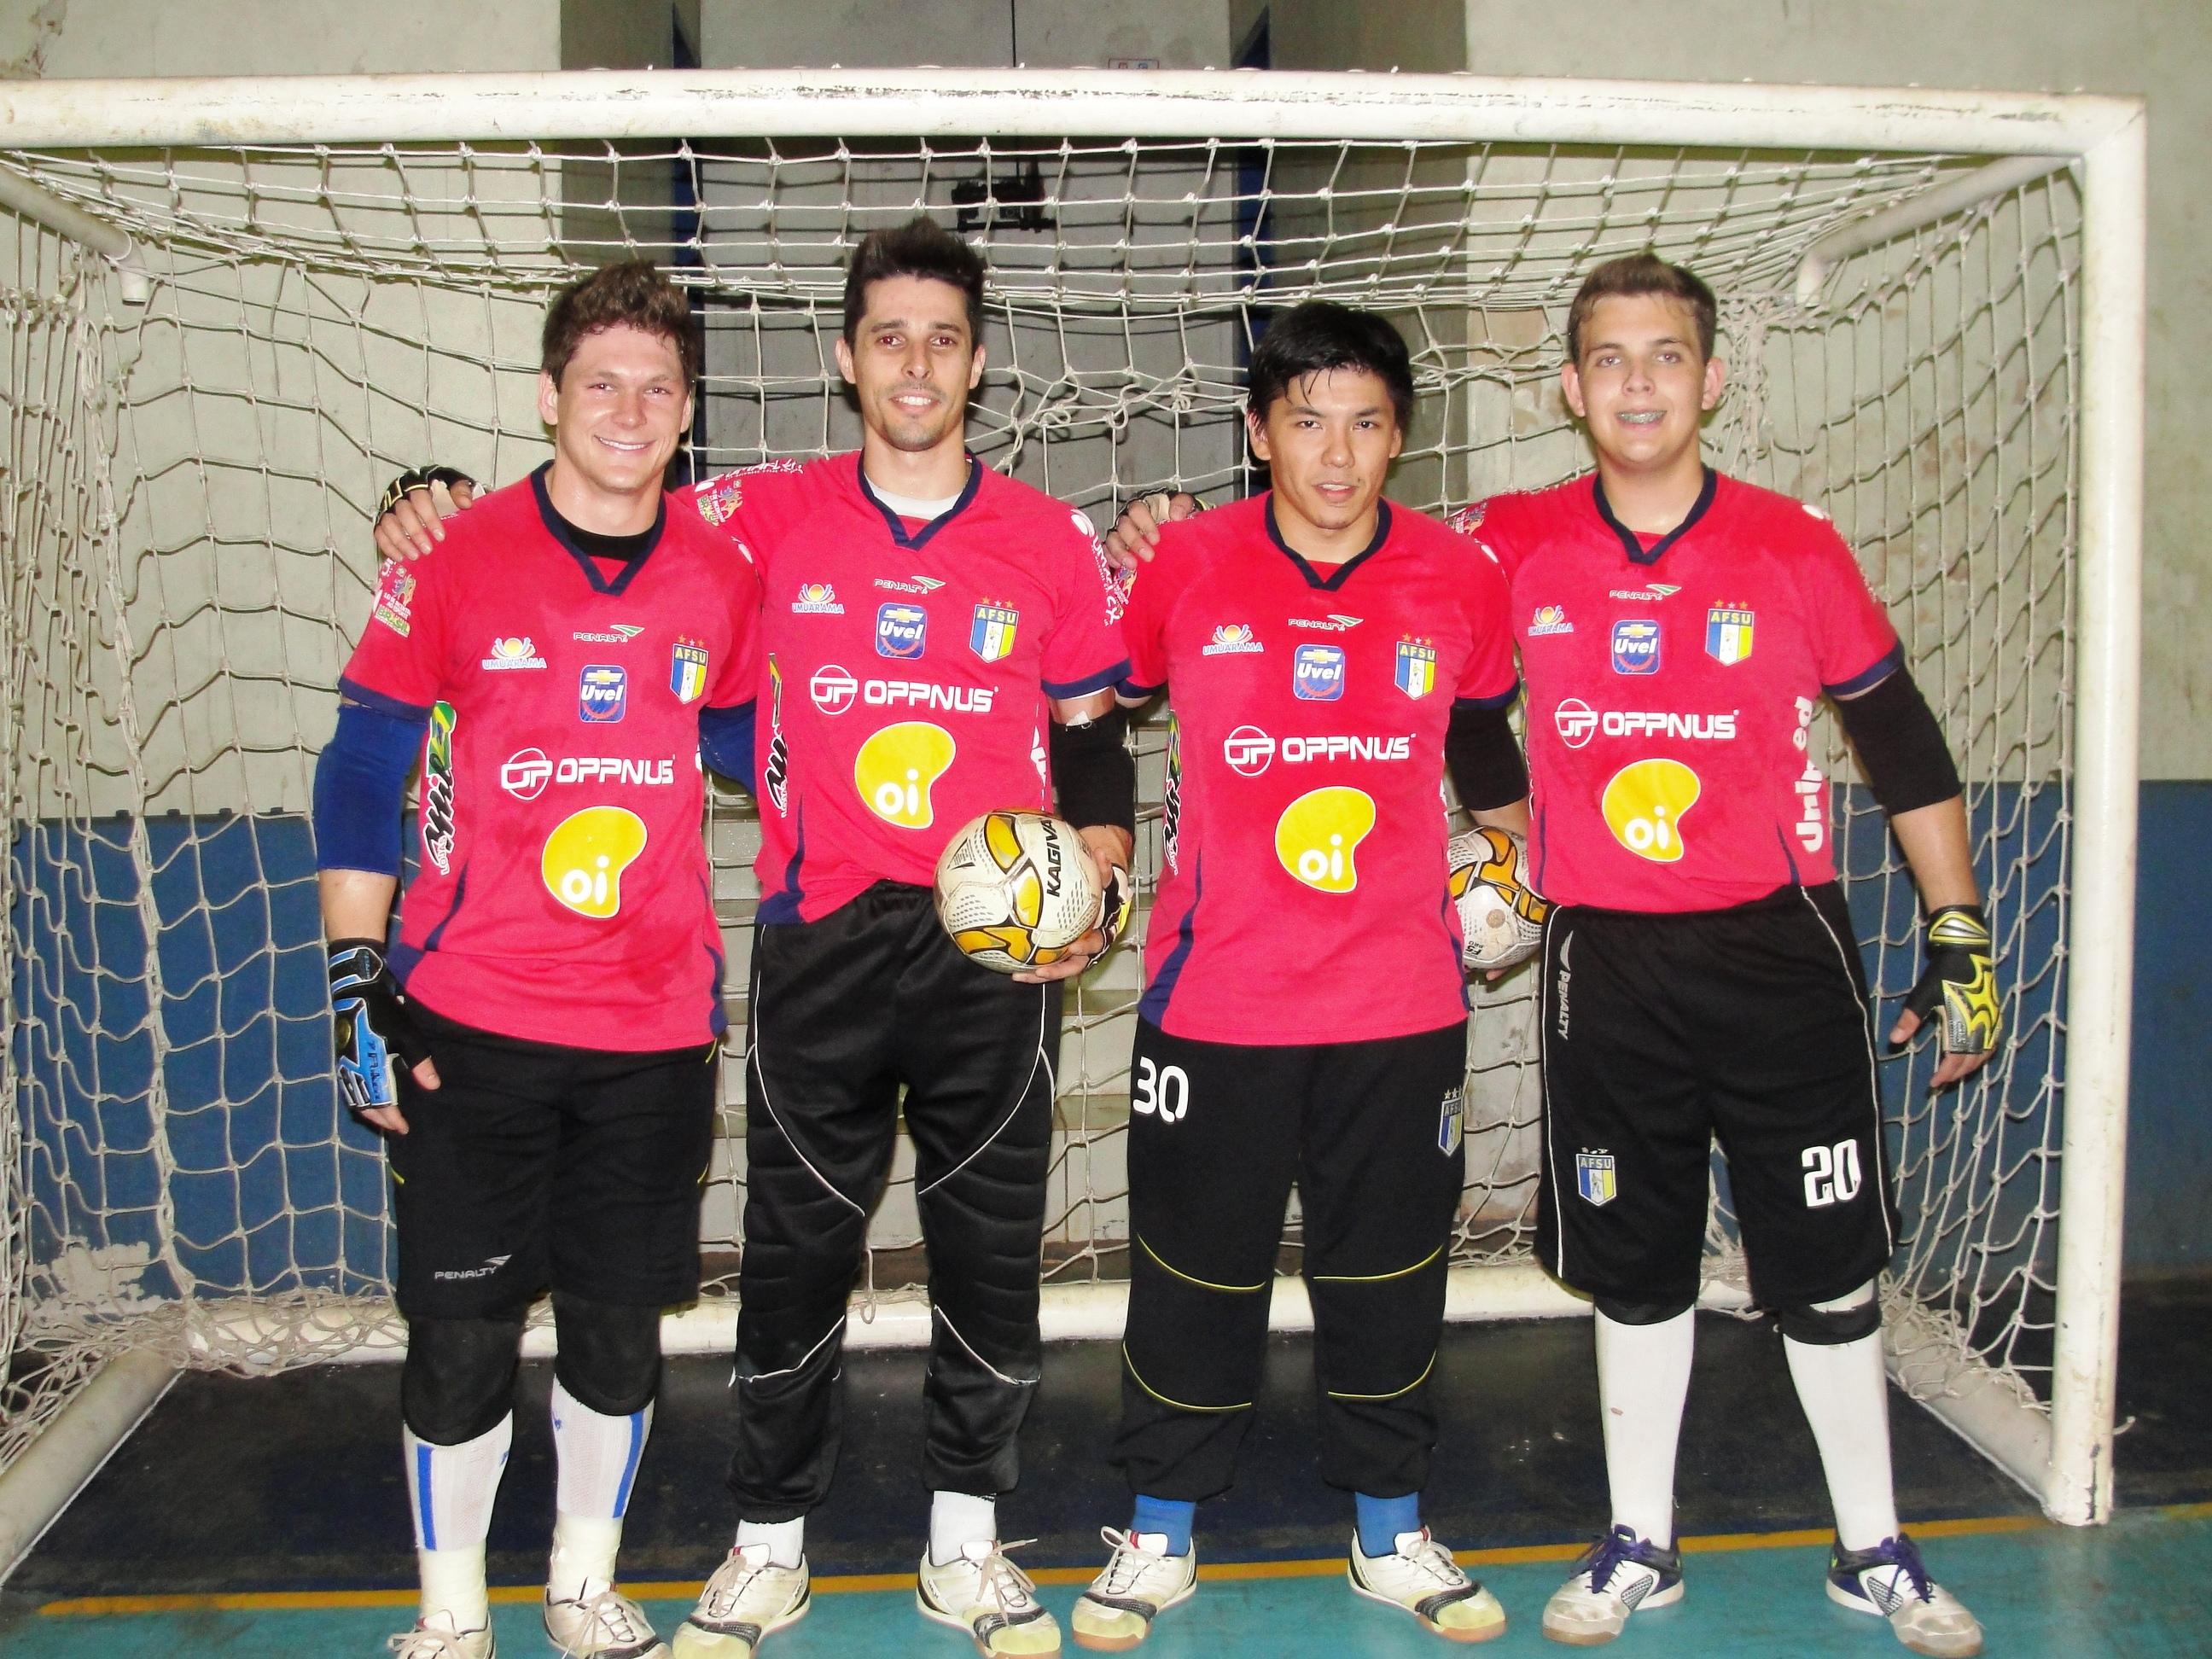 ad69e53632b02 Goleiros do Umuarama Futsal aderem à campanha do Outubro Rosa ...